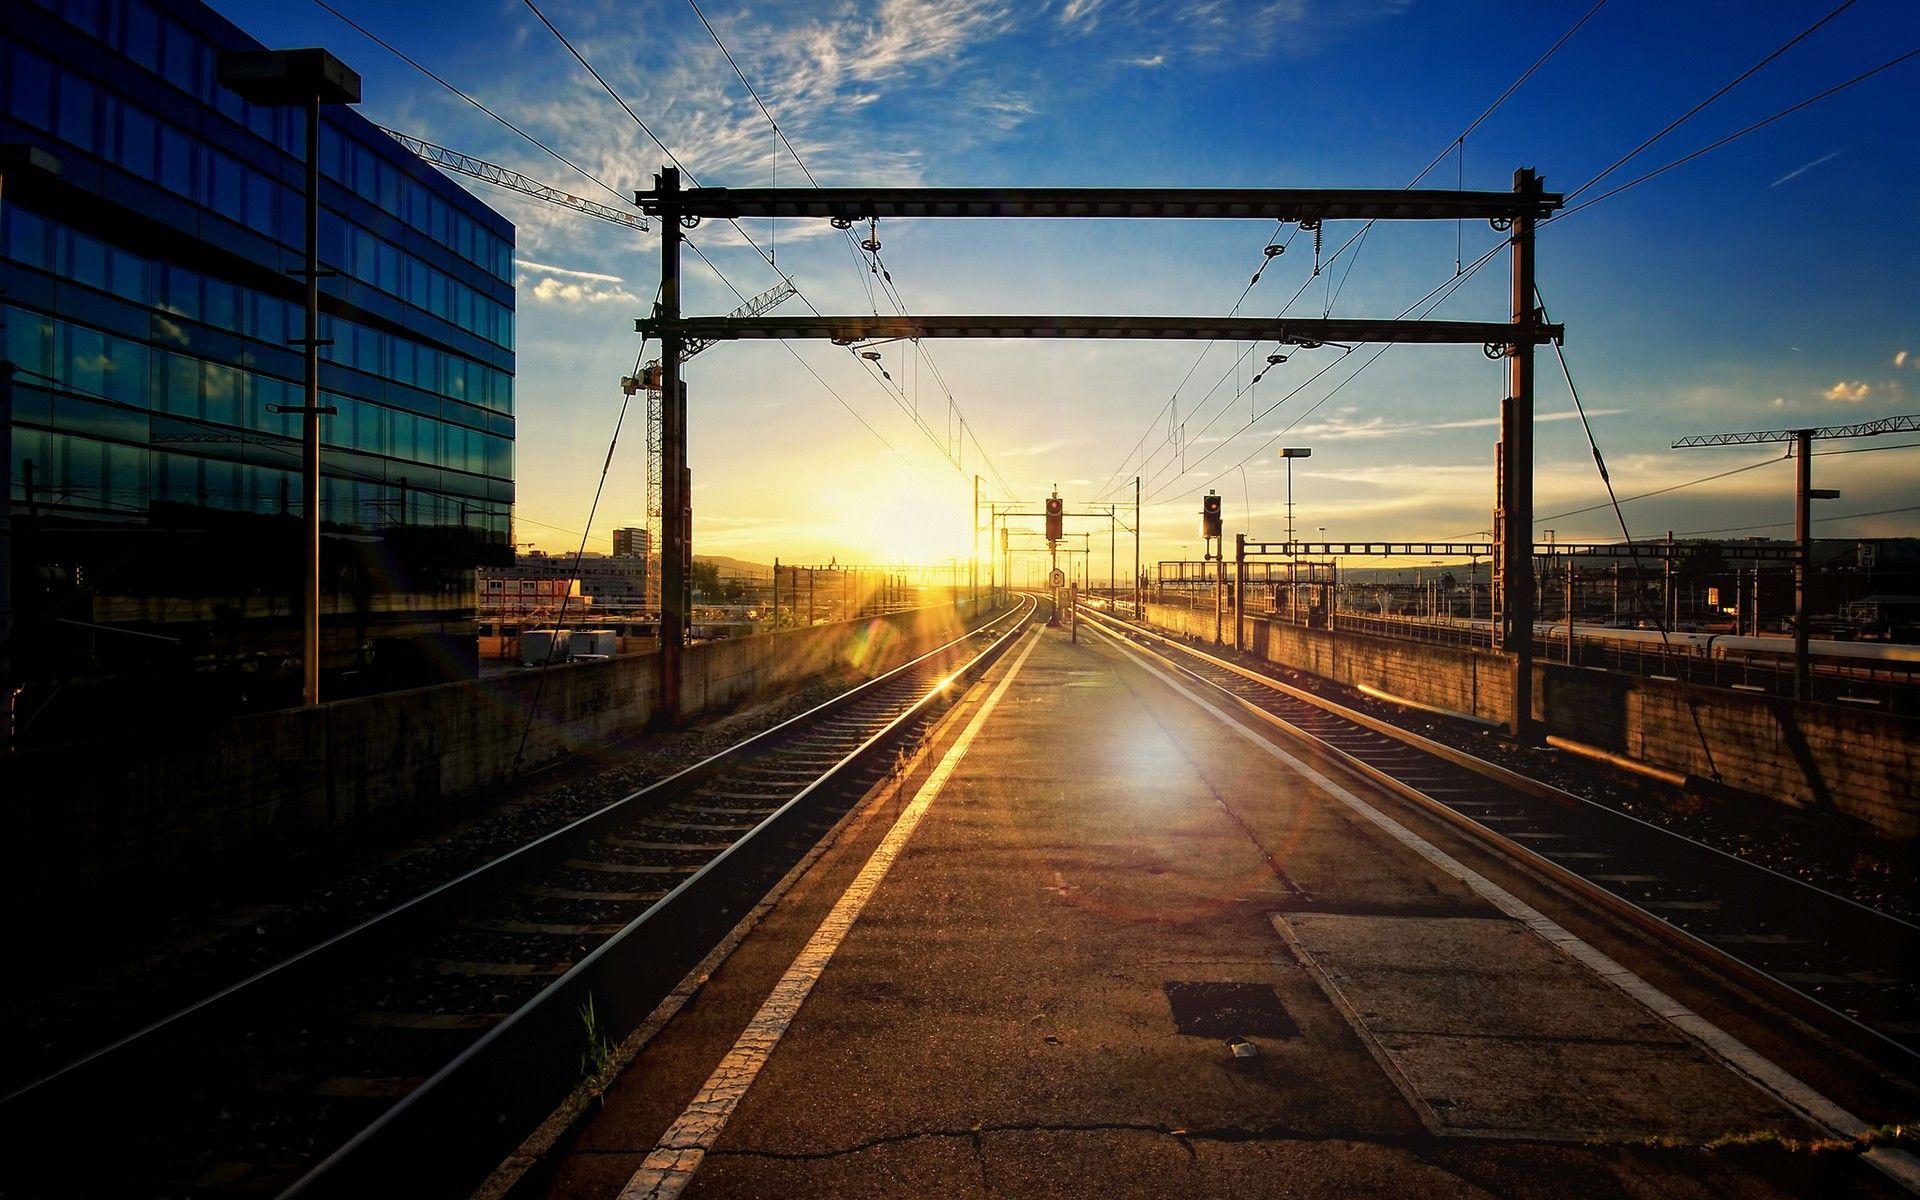 train track wallpaper 37976